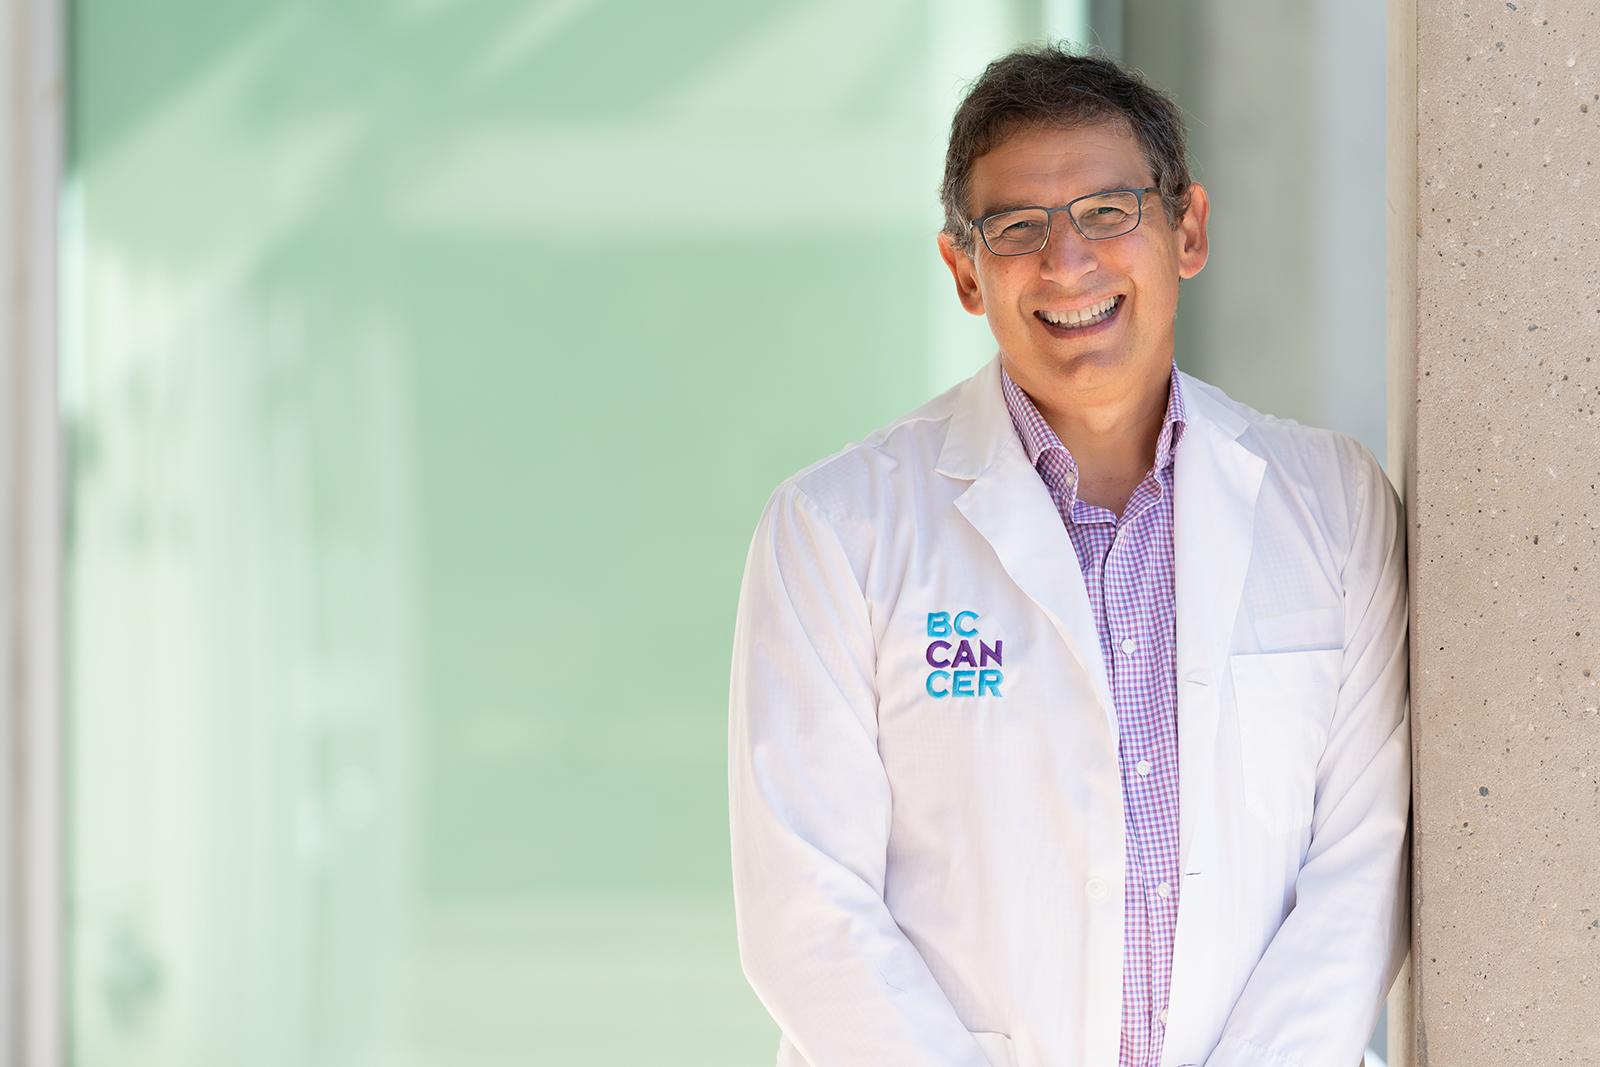 Dr. Sam Aparacio